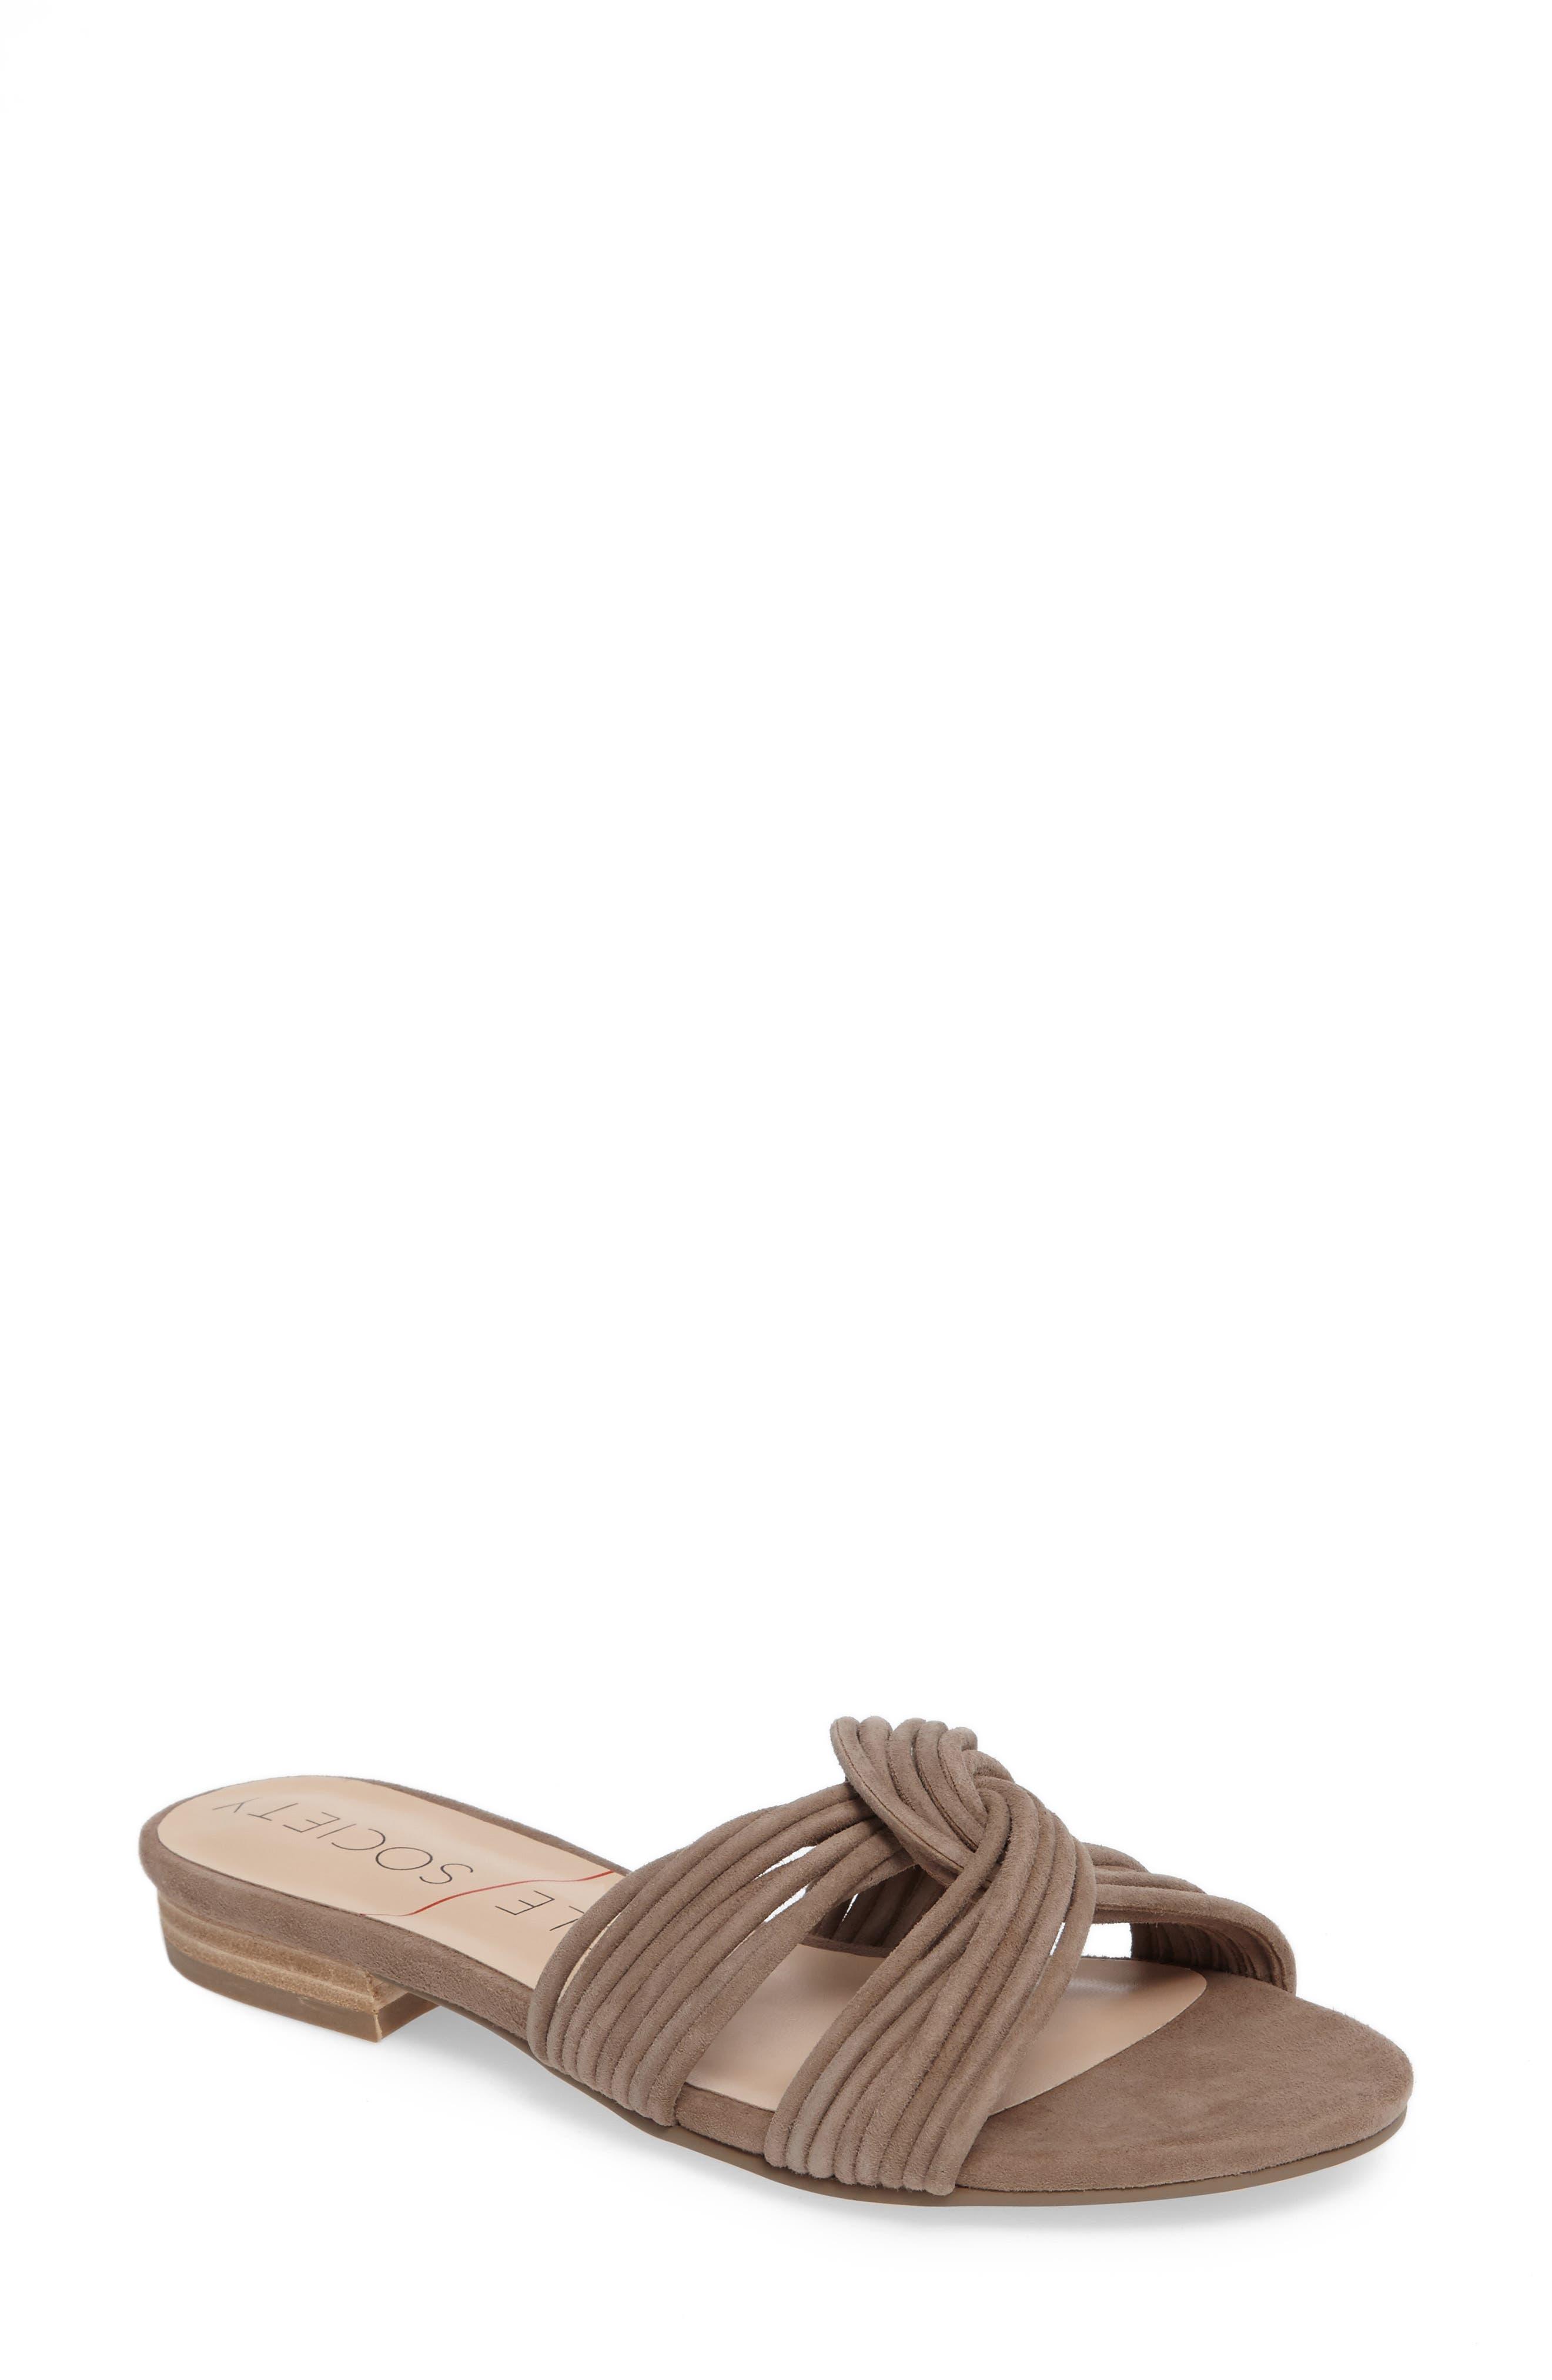 SOLE SOCIETY Dahlia Flat Sandal, Main, color, 240